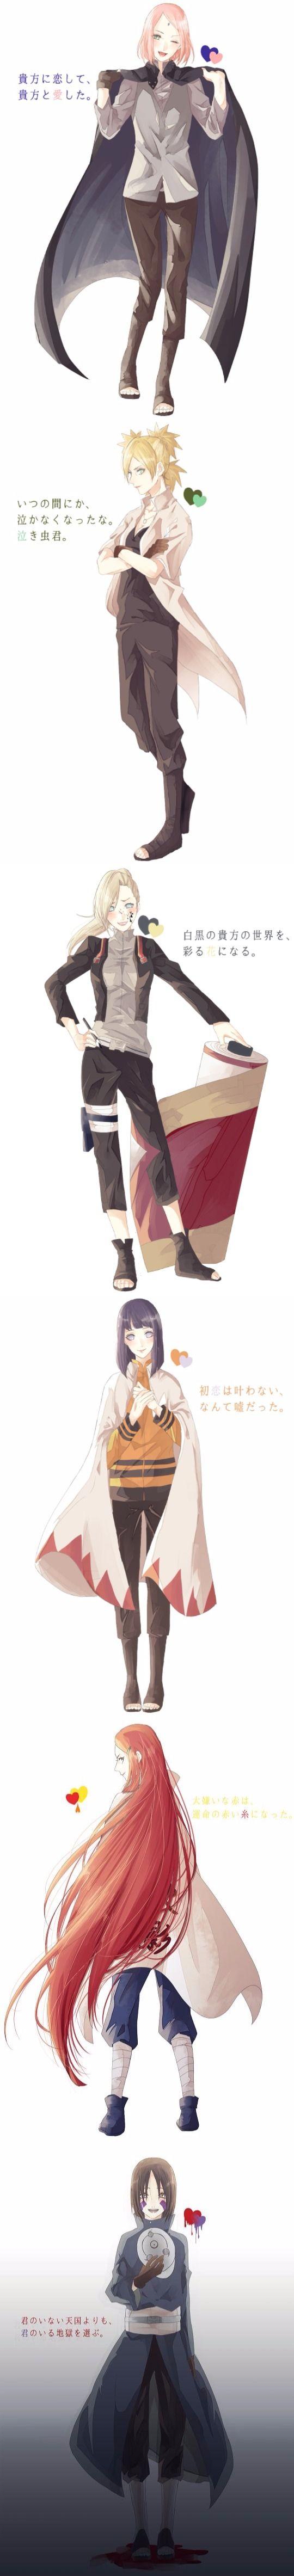 As meninas em roupas de homem- NaruHina, SasuSaku, ShikaTema, SaiIno, MinaKushi, e ObiRin #naruto